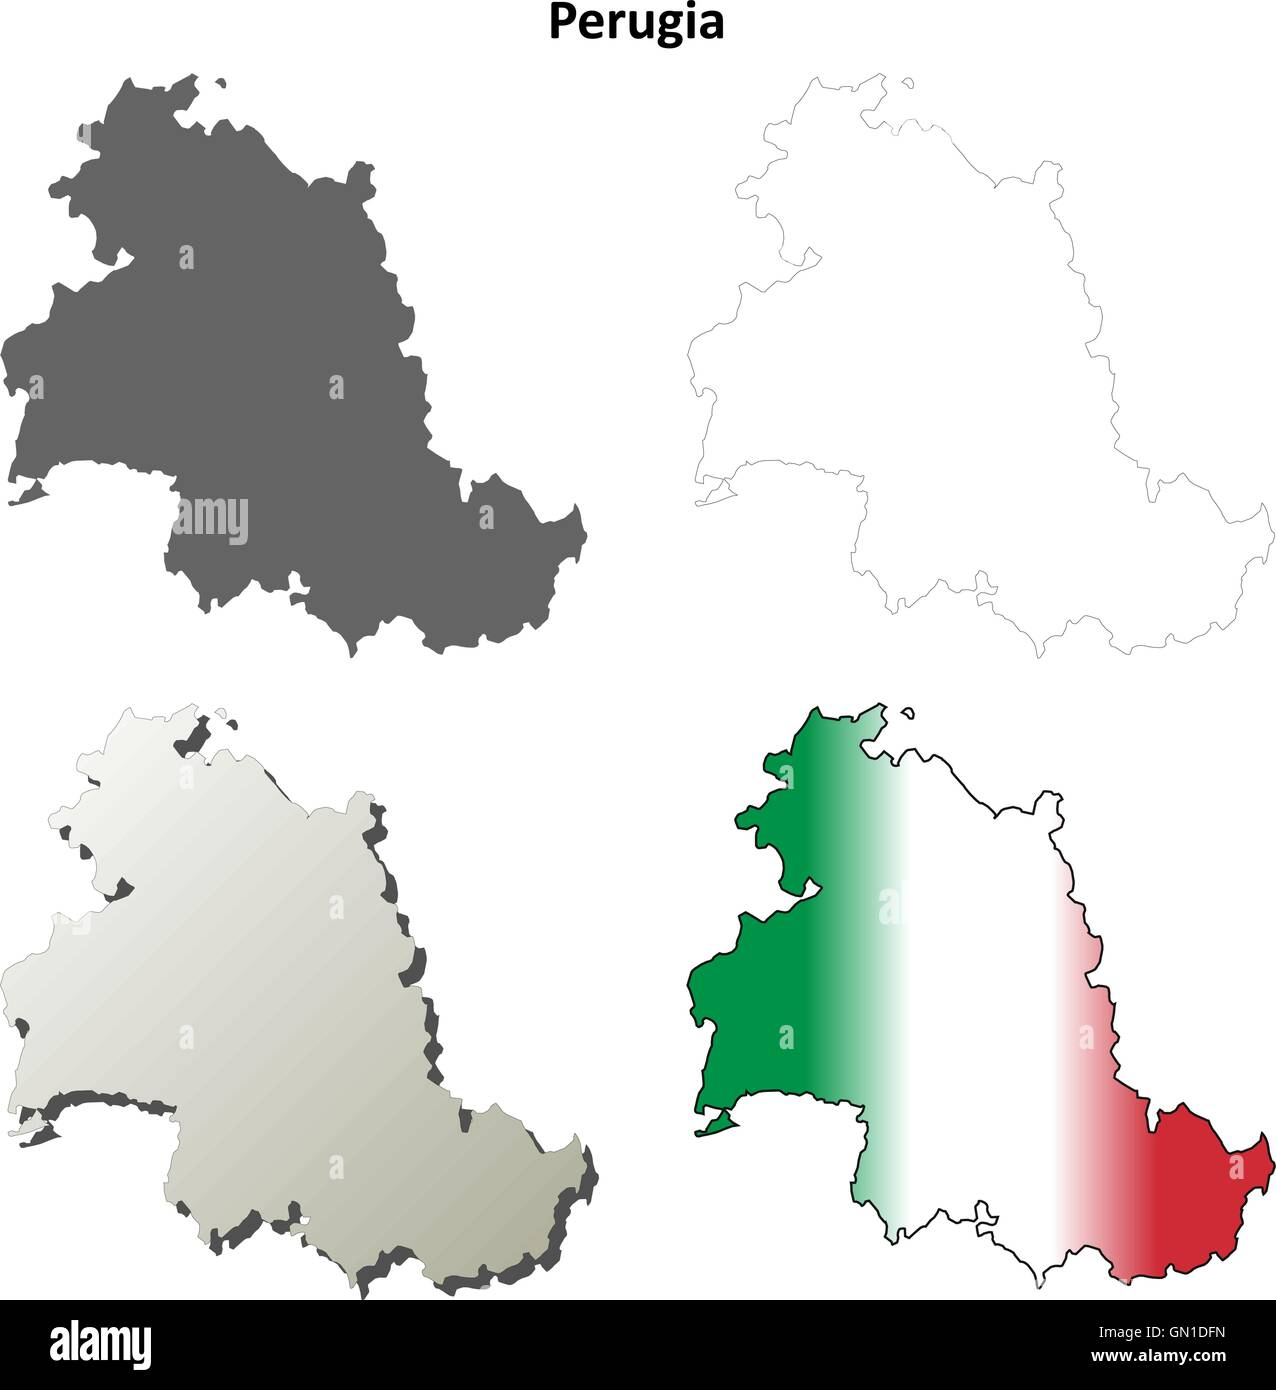 Perugia Leer Detaillierte Gliederung Karte Gesetzt Vektor